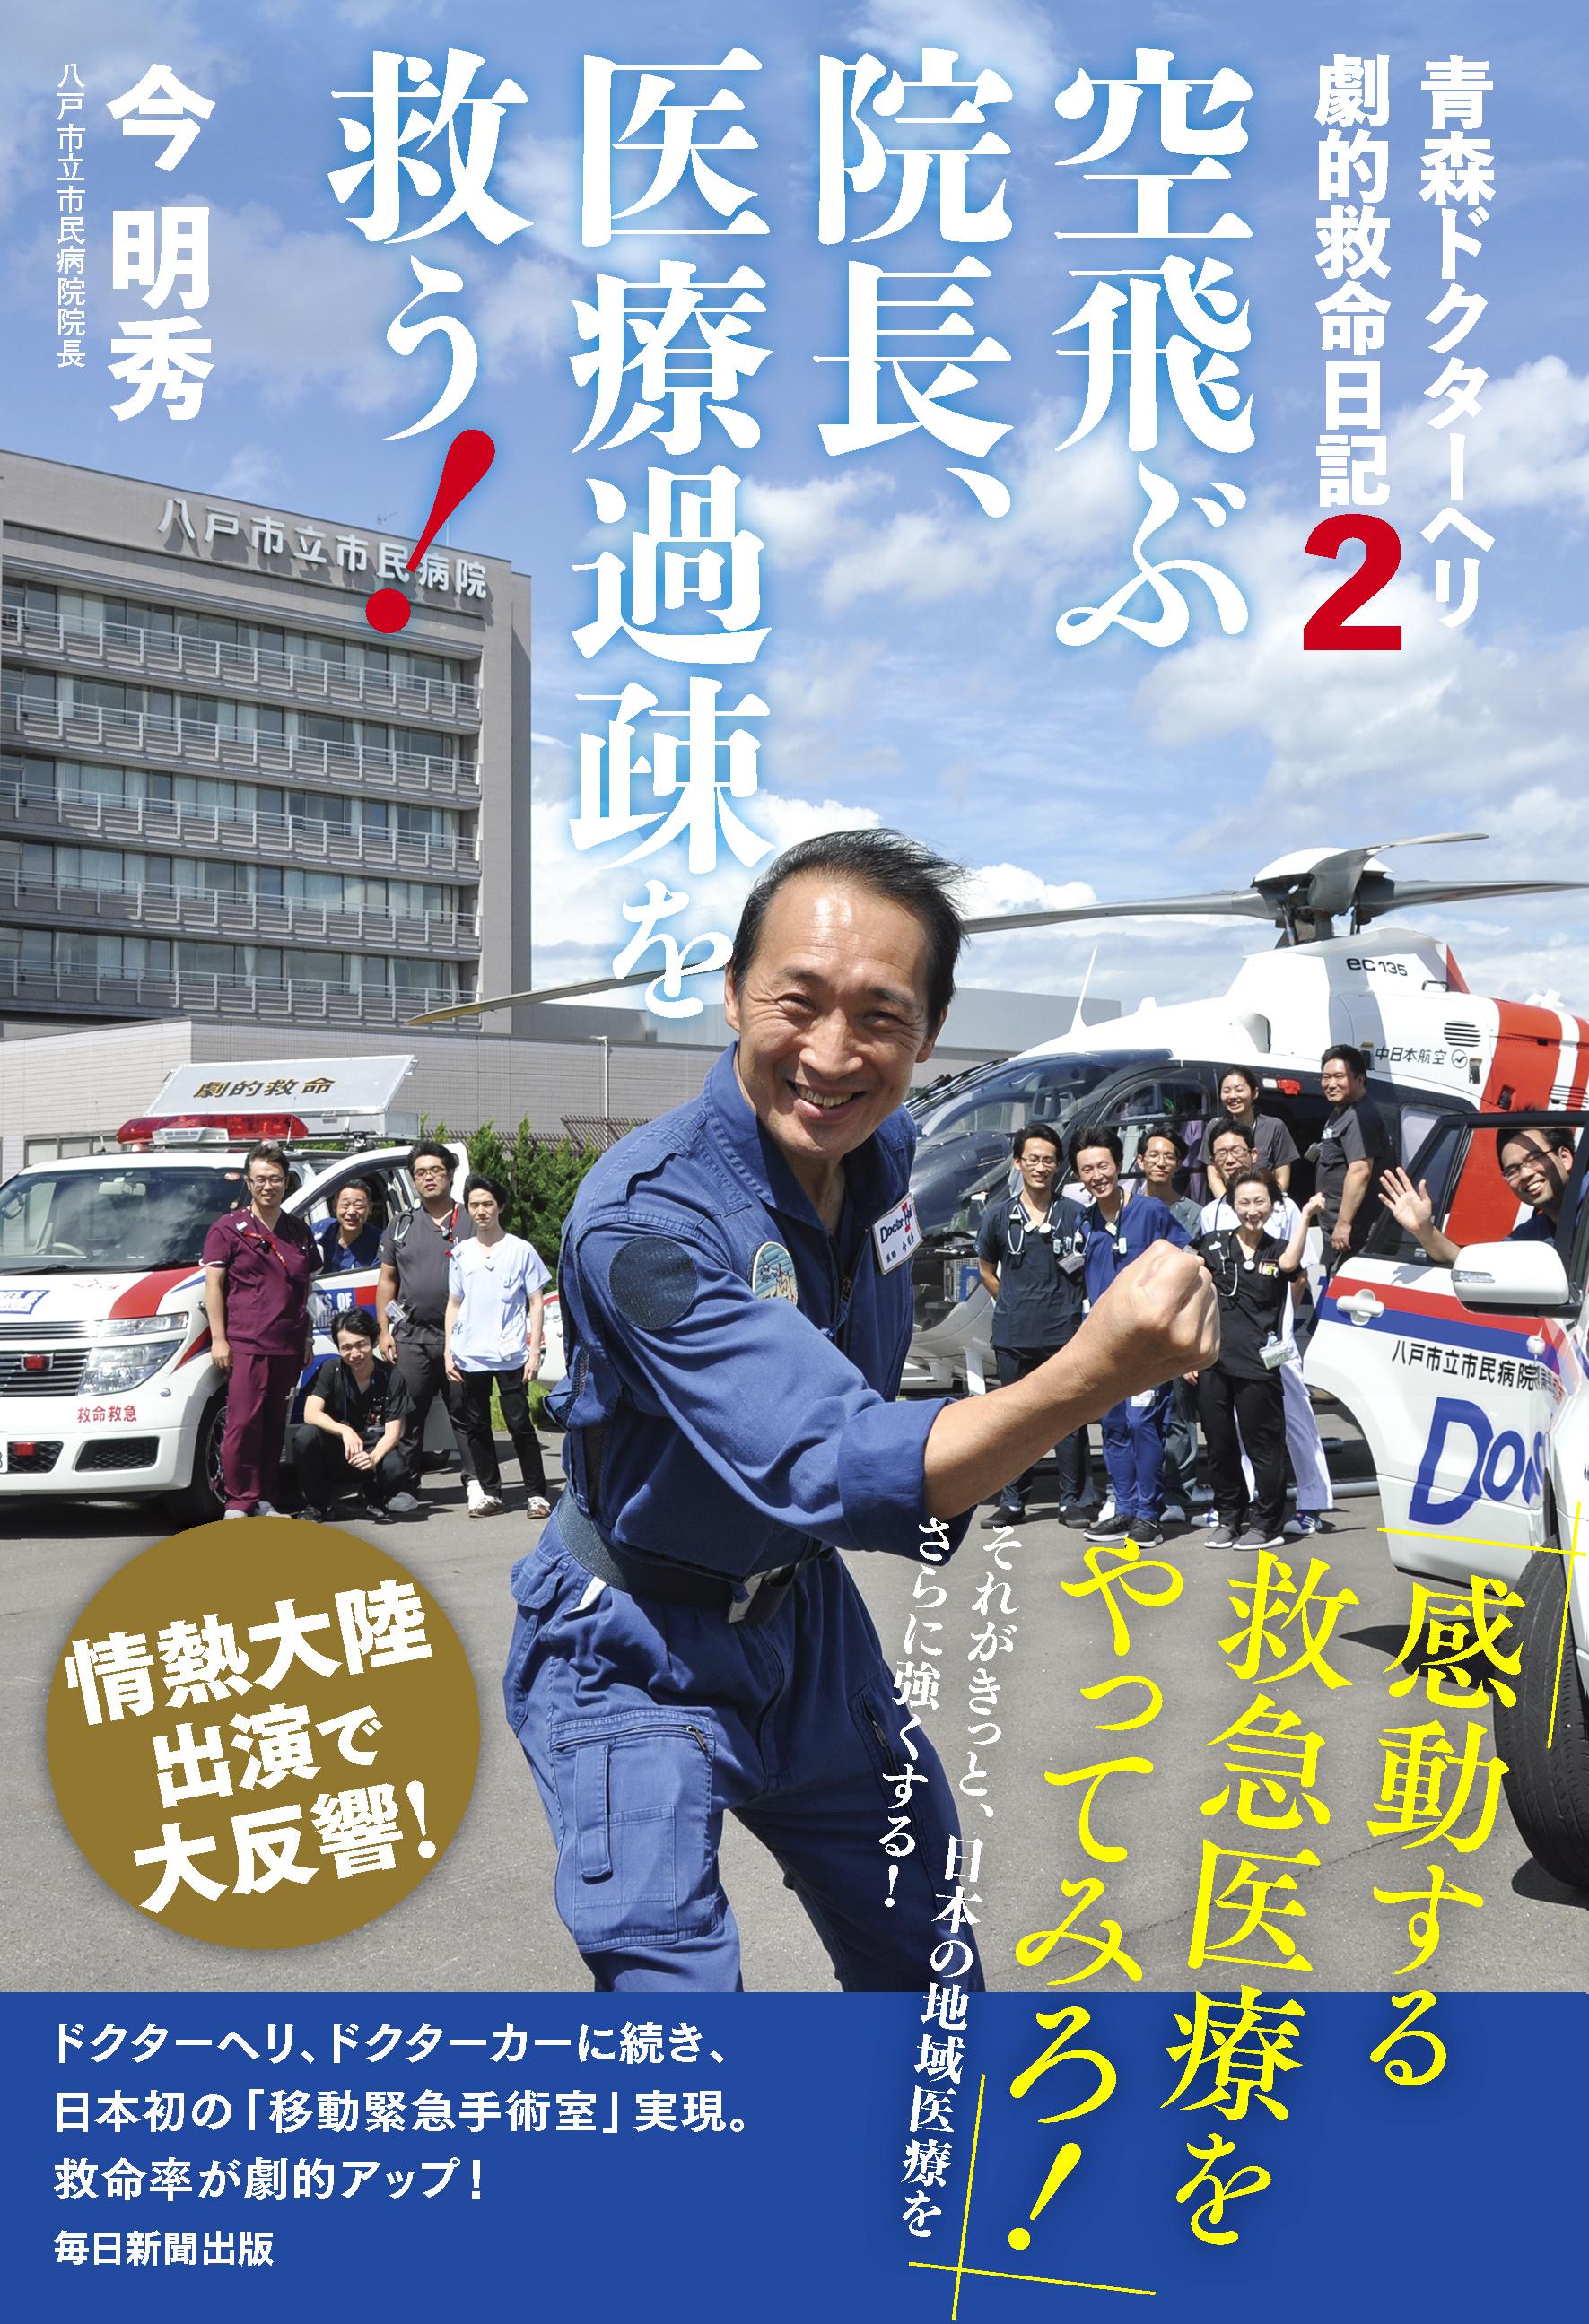 書影:空飛ぶ院長、医療過疎を救う!青森ドクターヘリ劇的救命日記2